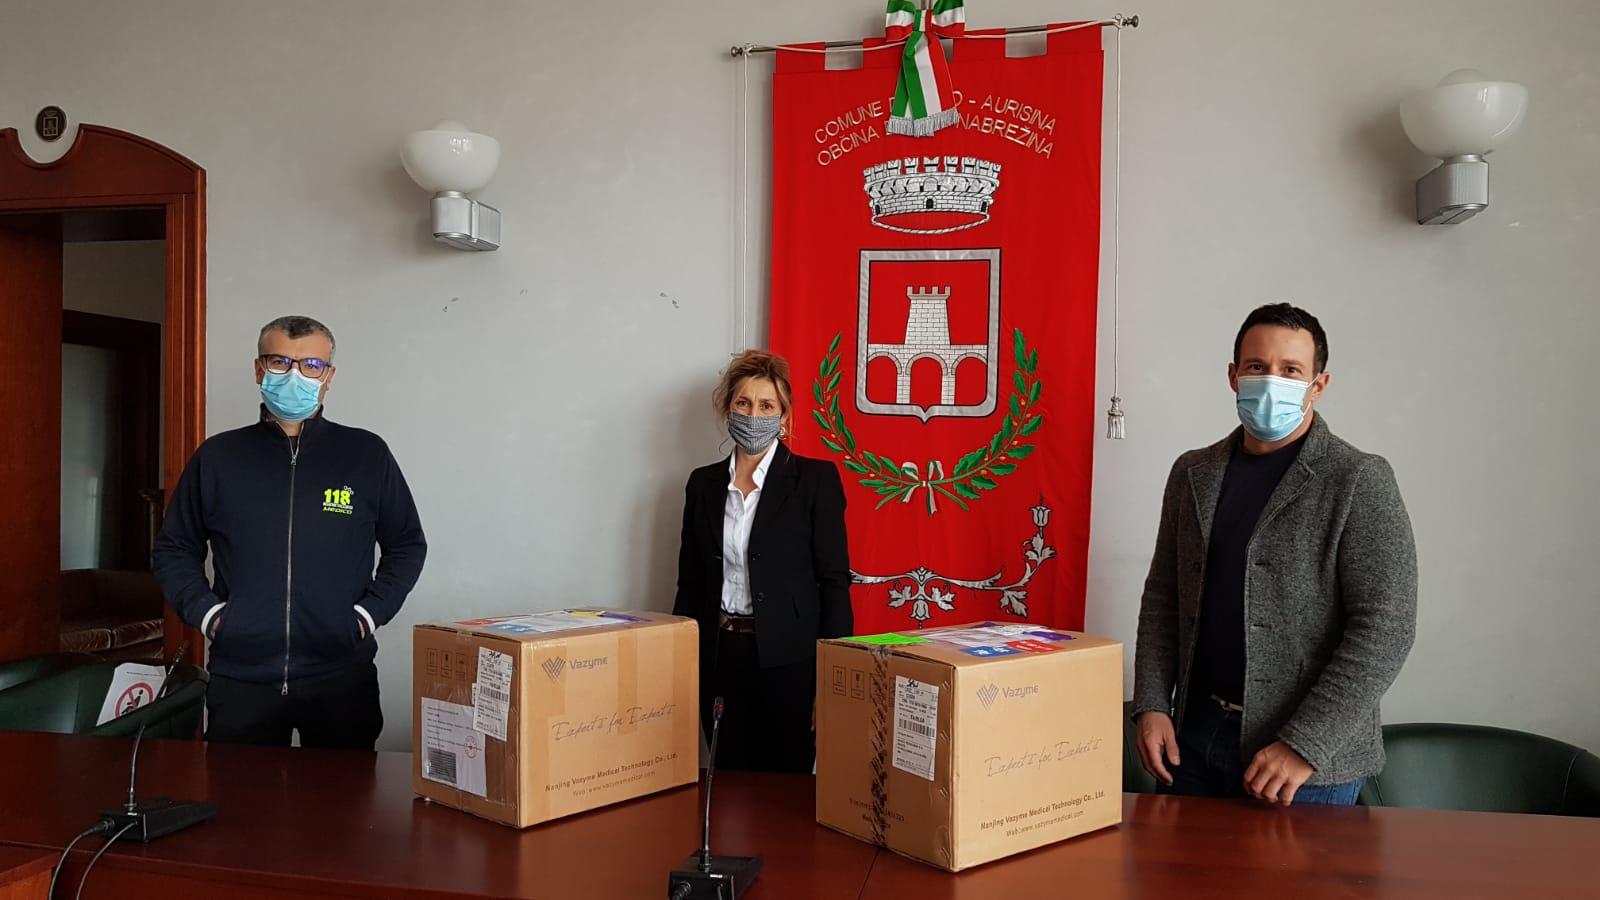 Immagine per Lo sport in aiuto della comunità, la Corsa della bora dona 500 tamponi a Duino-Aurisina